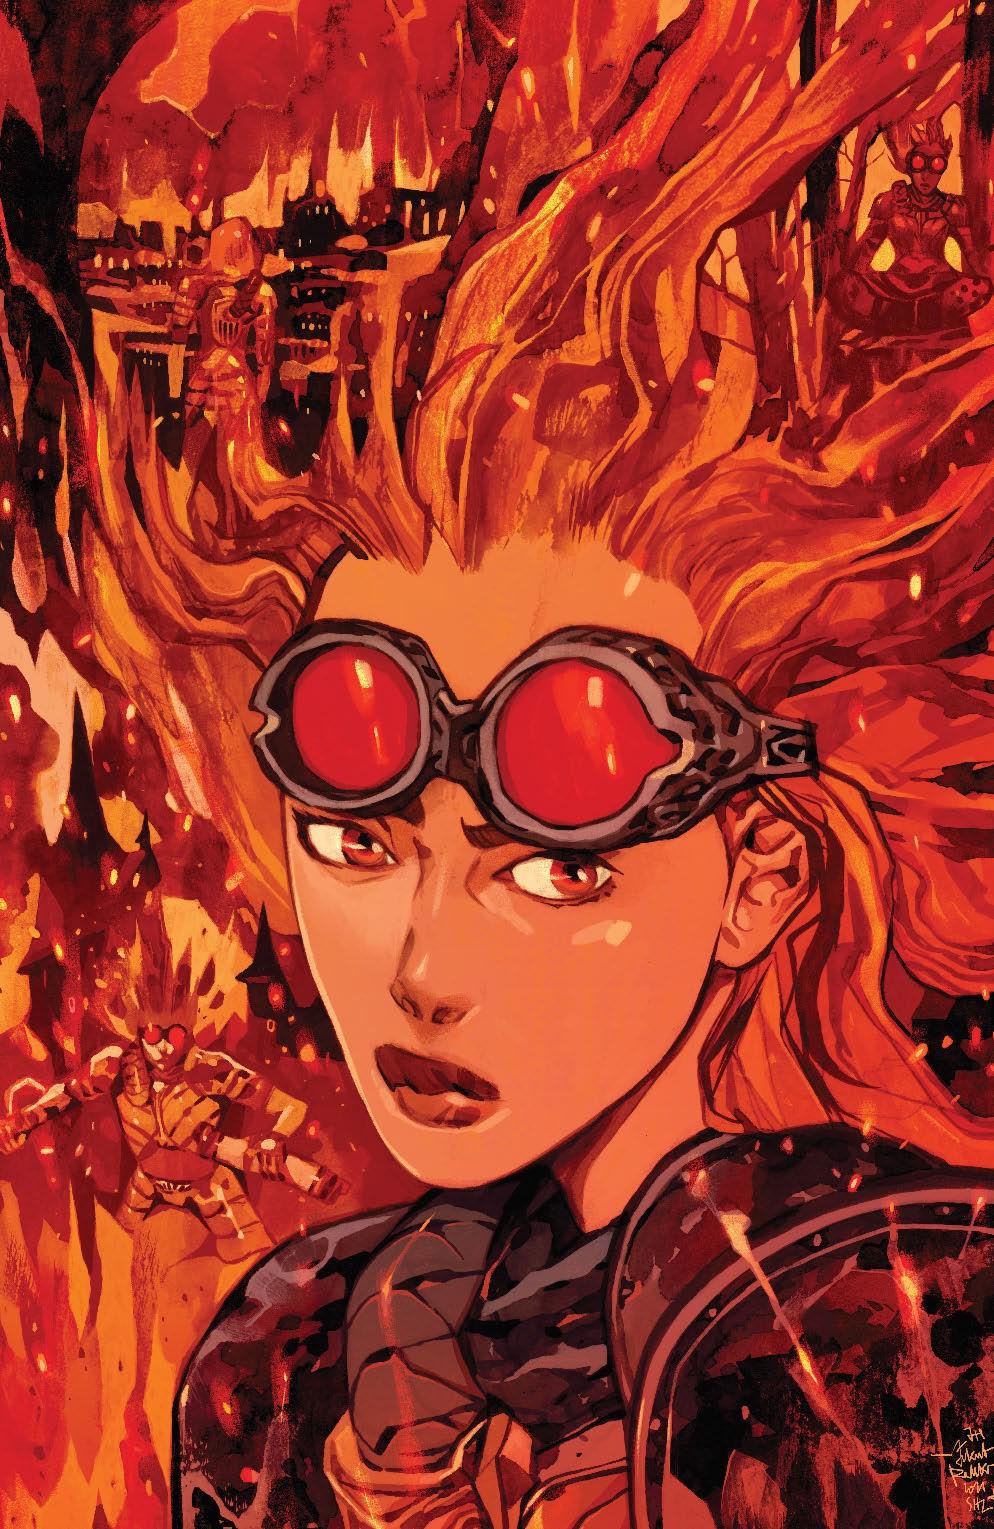 Magic_007_Cover_C3_HiddenSpark ComicList Previews: MAGIC #7